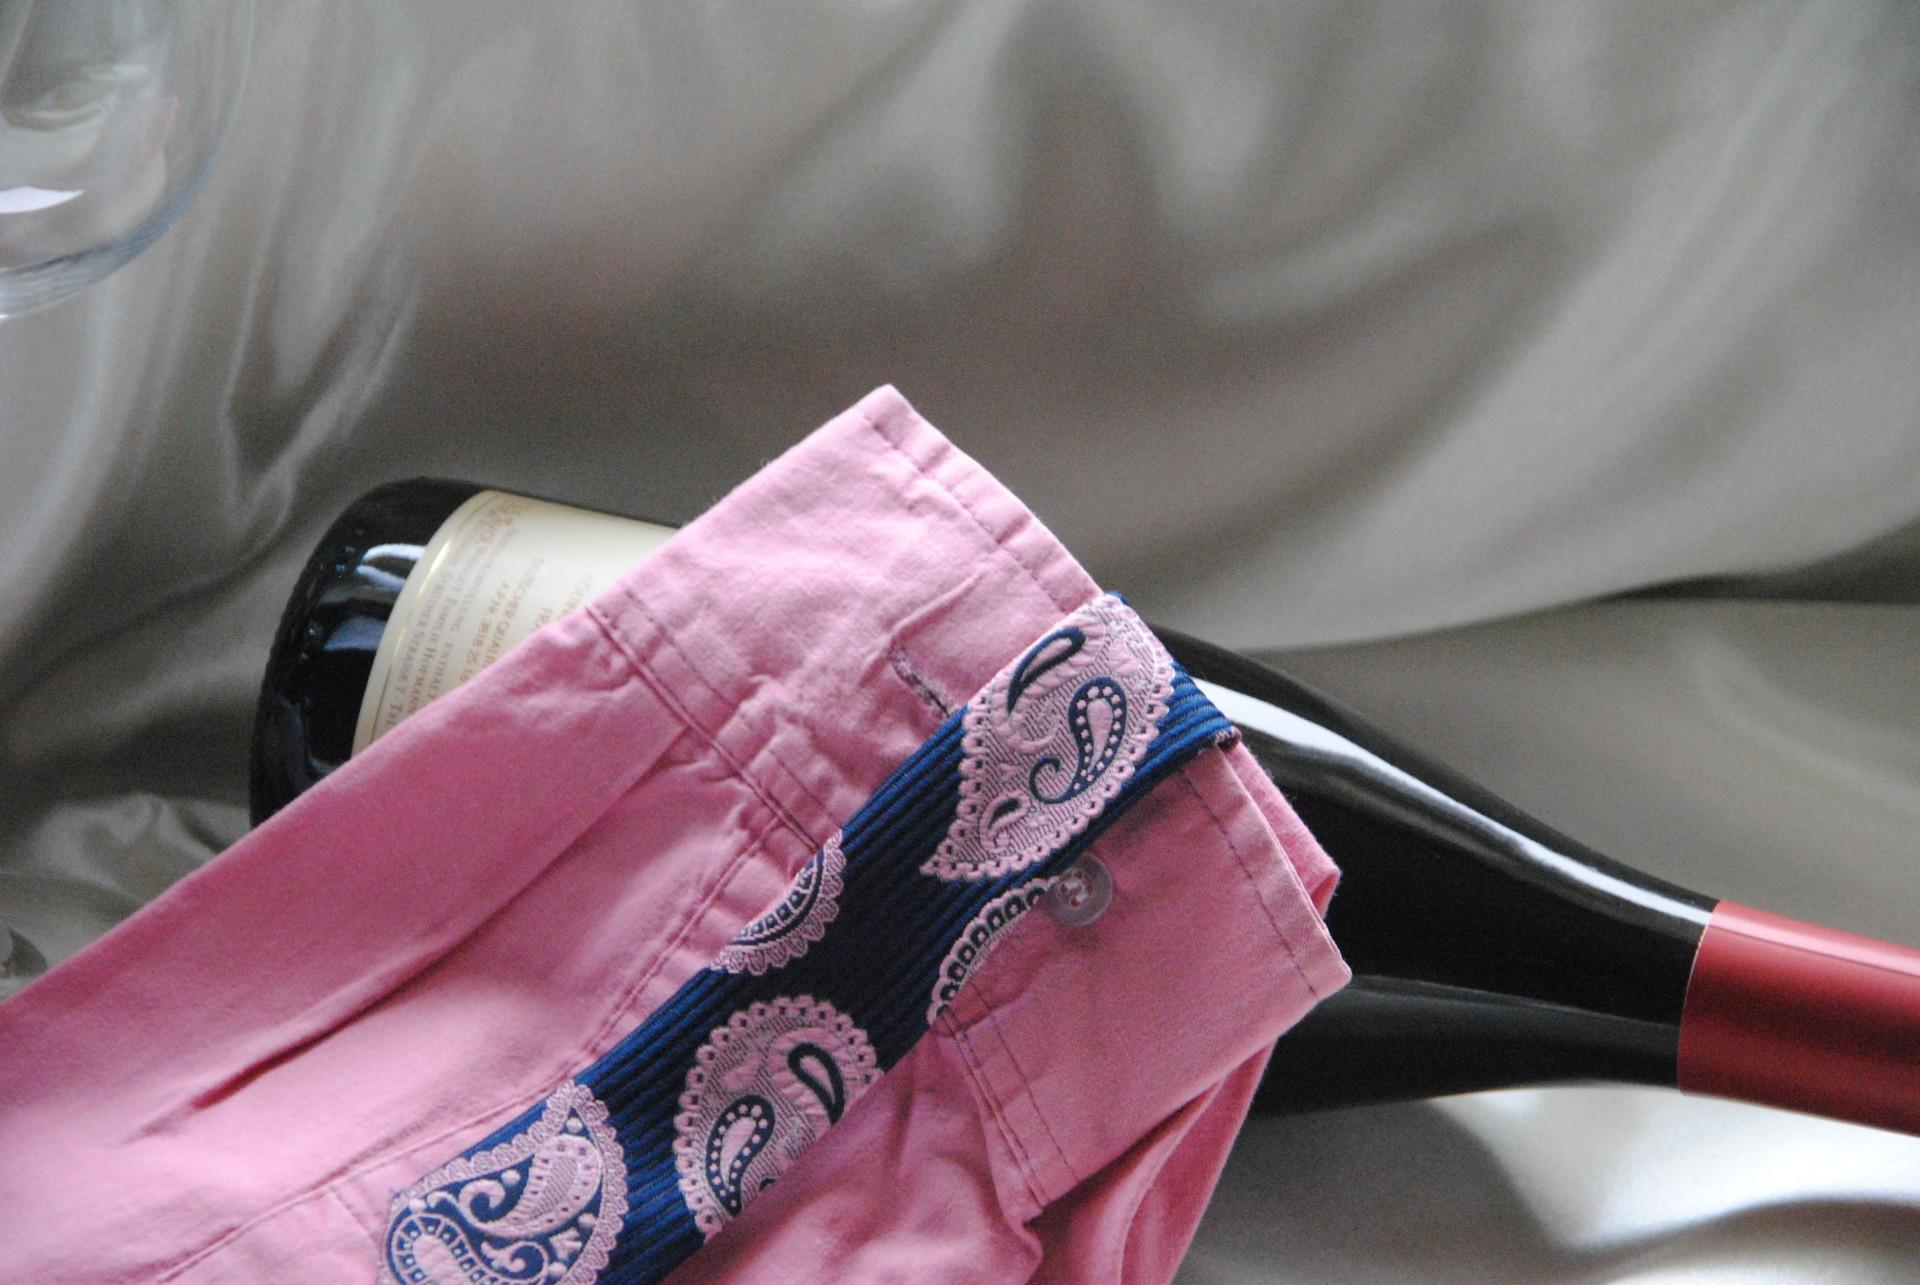 Hemdärmel oder Blusenärmel abgeschnitten, zugenäht und mit dem dünnen Ende eines Schlips zu einer ausgefallen Verpackung verwandelt.